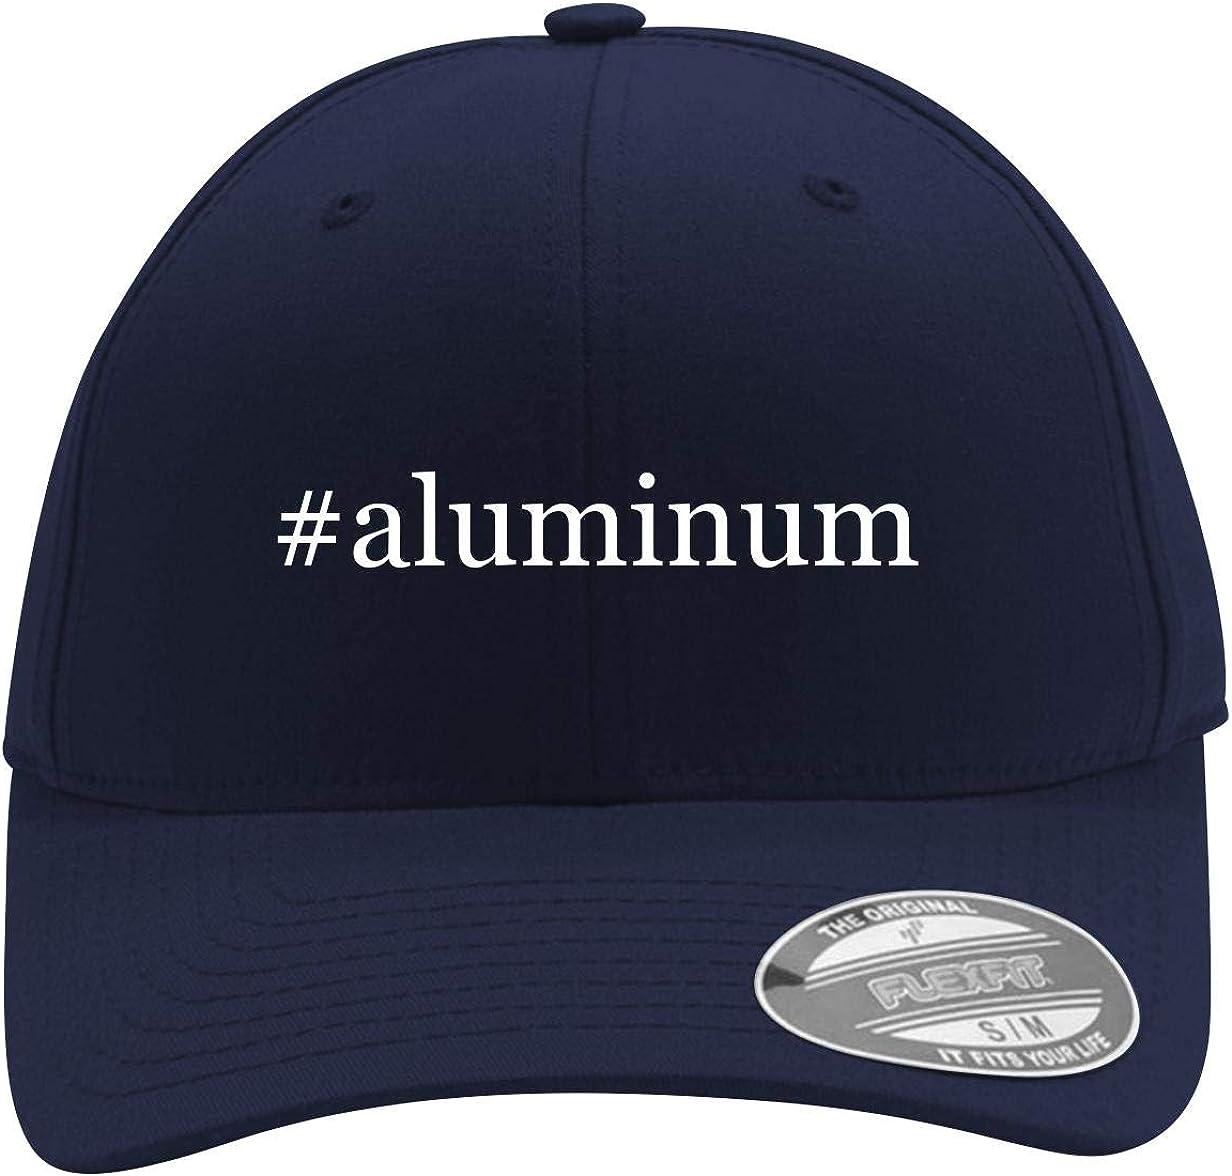 #Aluminum - Men's Hashtag Flexfit Baseball Cap Hat 61-2PkRcxbL